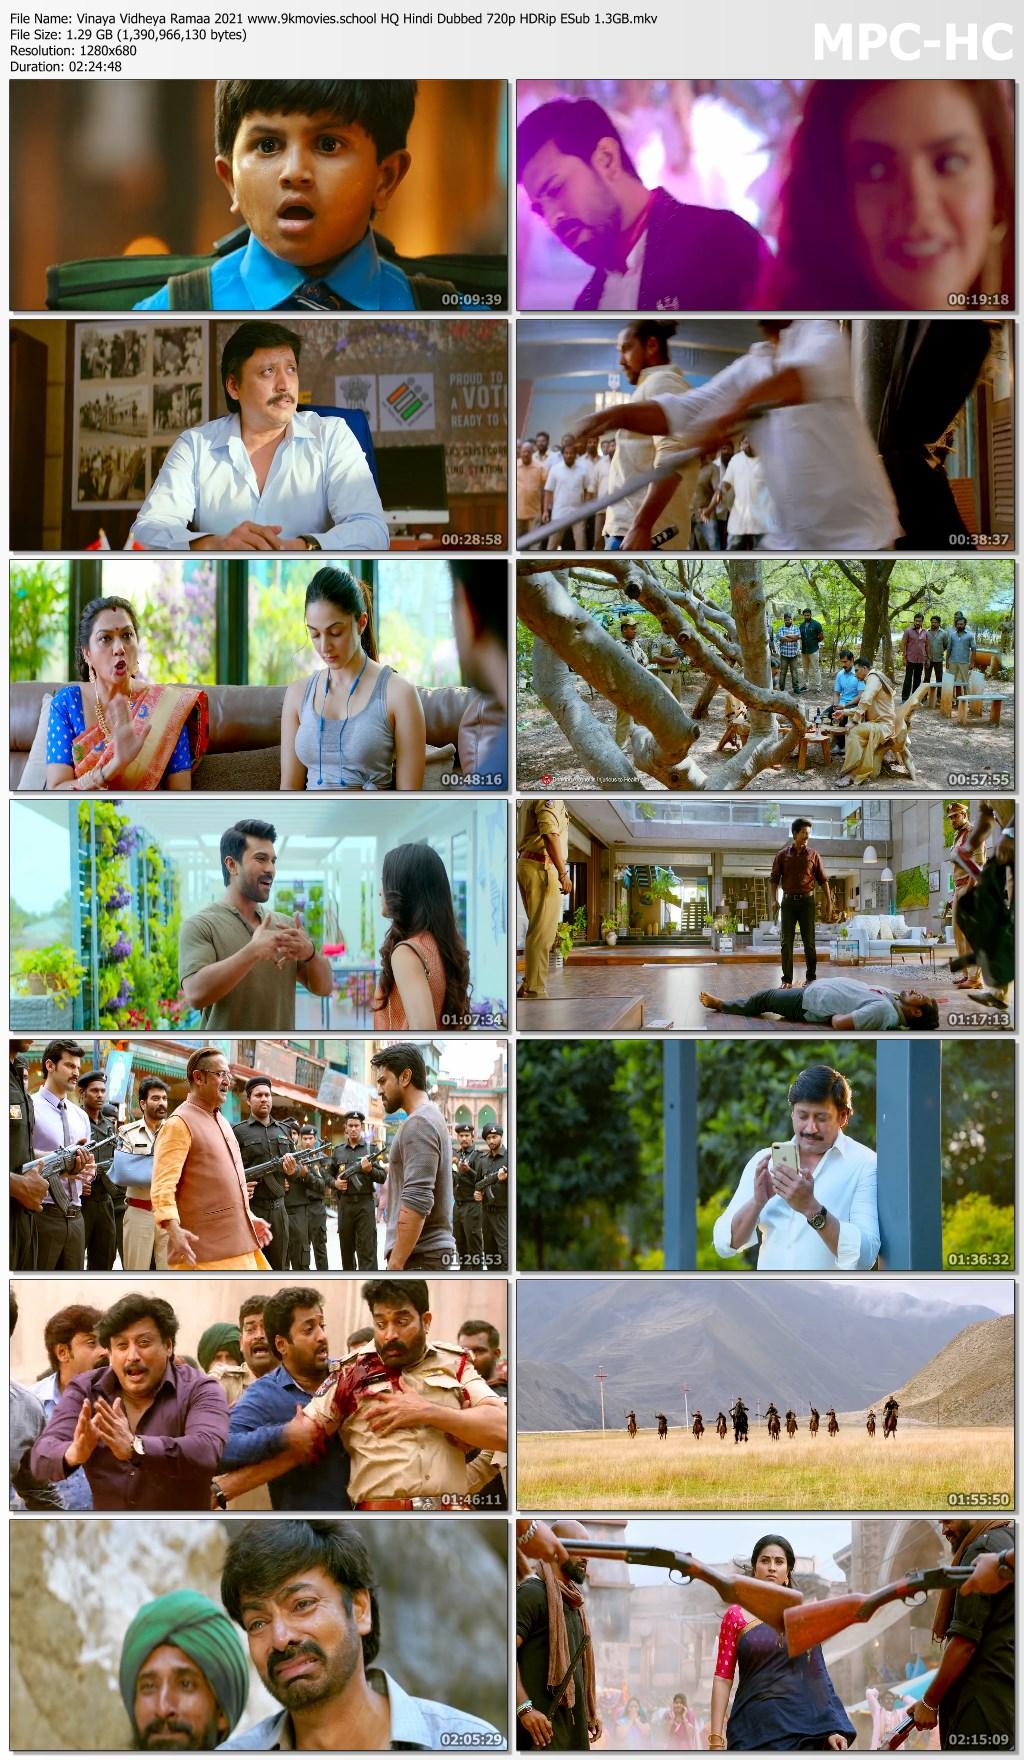 Vinaya Vidheya Ramaa 2021 screenshot HDMoviesFair